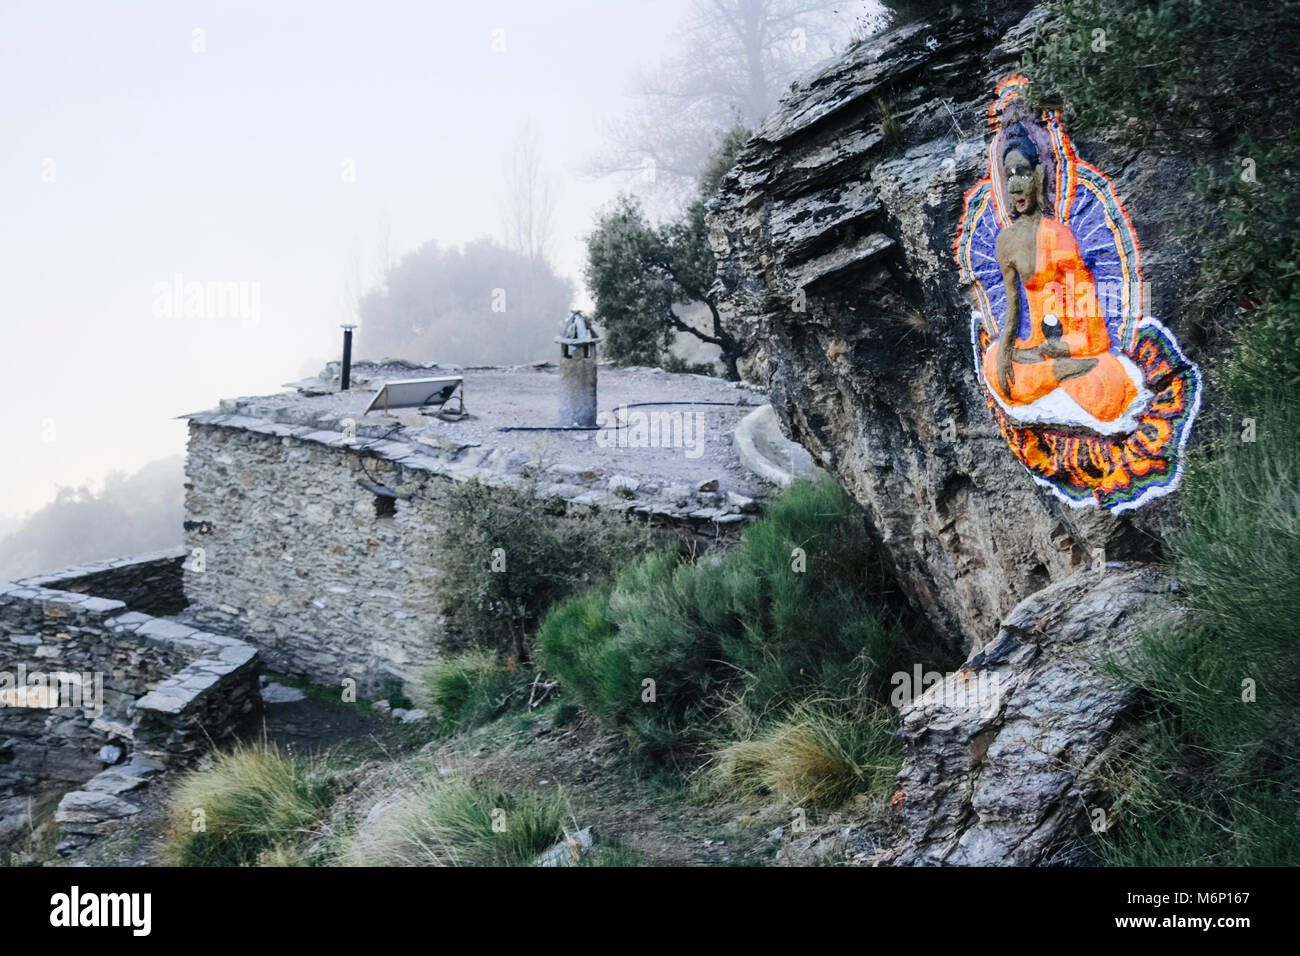 Las Alpujarras, Sierra Nevada, provincia de Granada, Andalucía, España : Buda tallado en la roca y la meditación en la Casa de Retiro Budista O Sel Ling centro Foto de stock